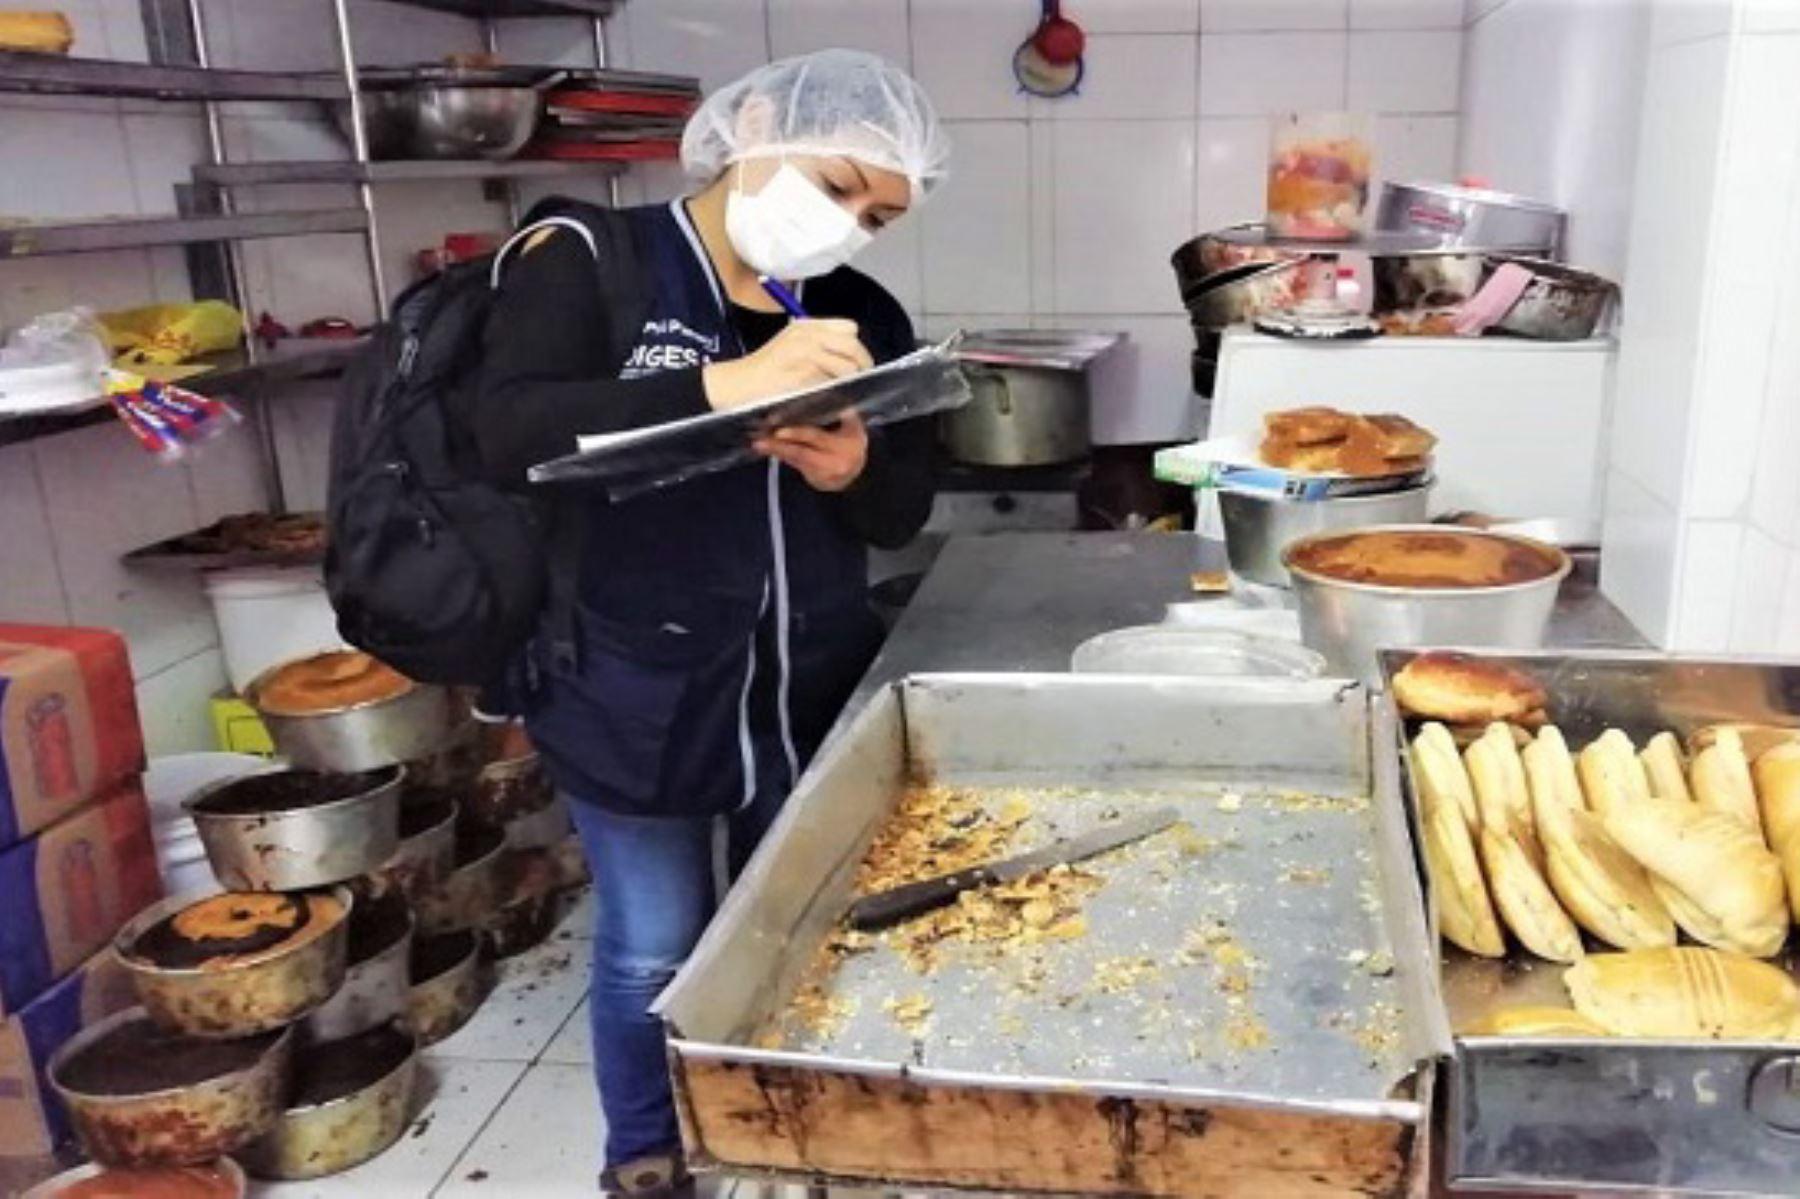 Inspectores verifican infraestructura, equipos y almacenamiento de insumos en fábricas, panaderías y pastelerías. Foto: Digesa.